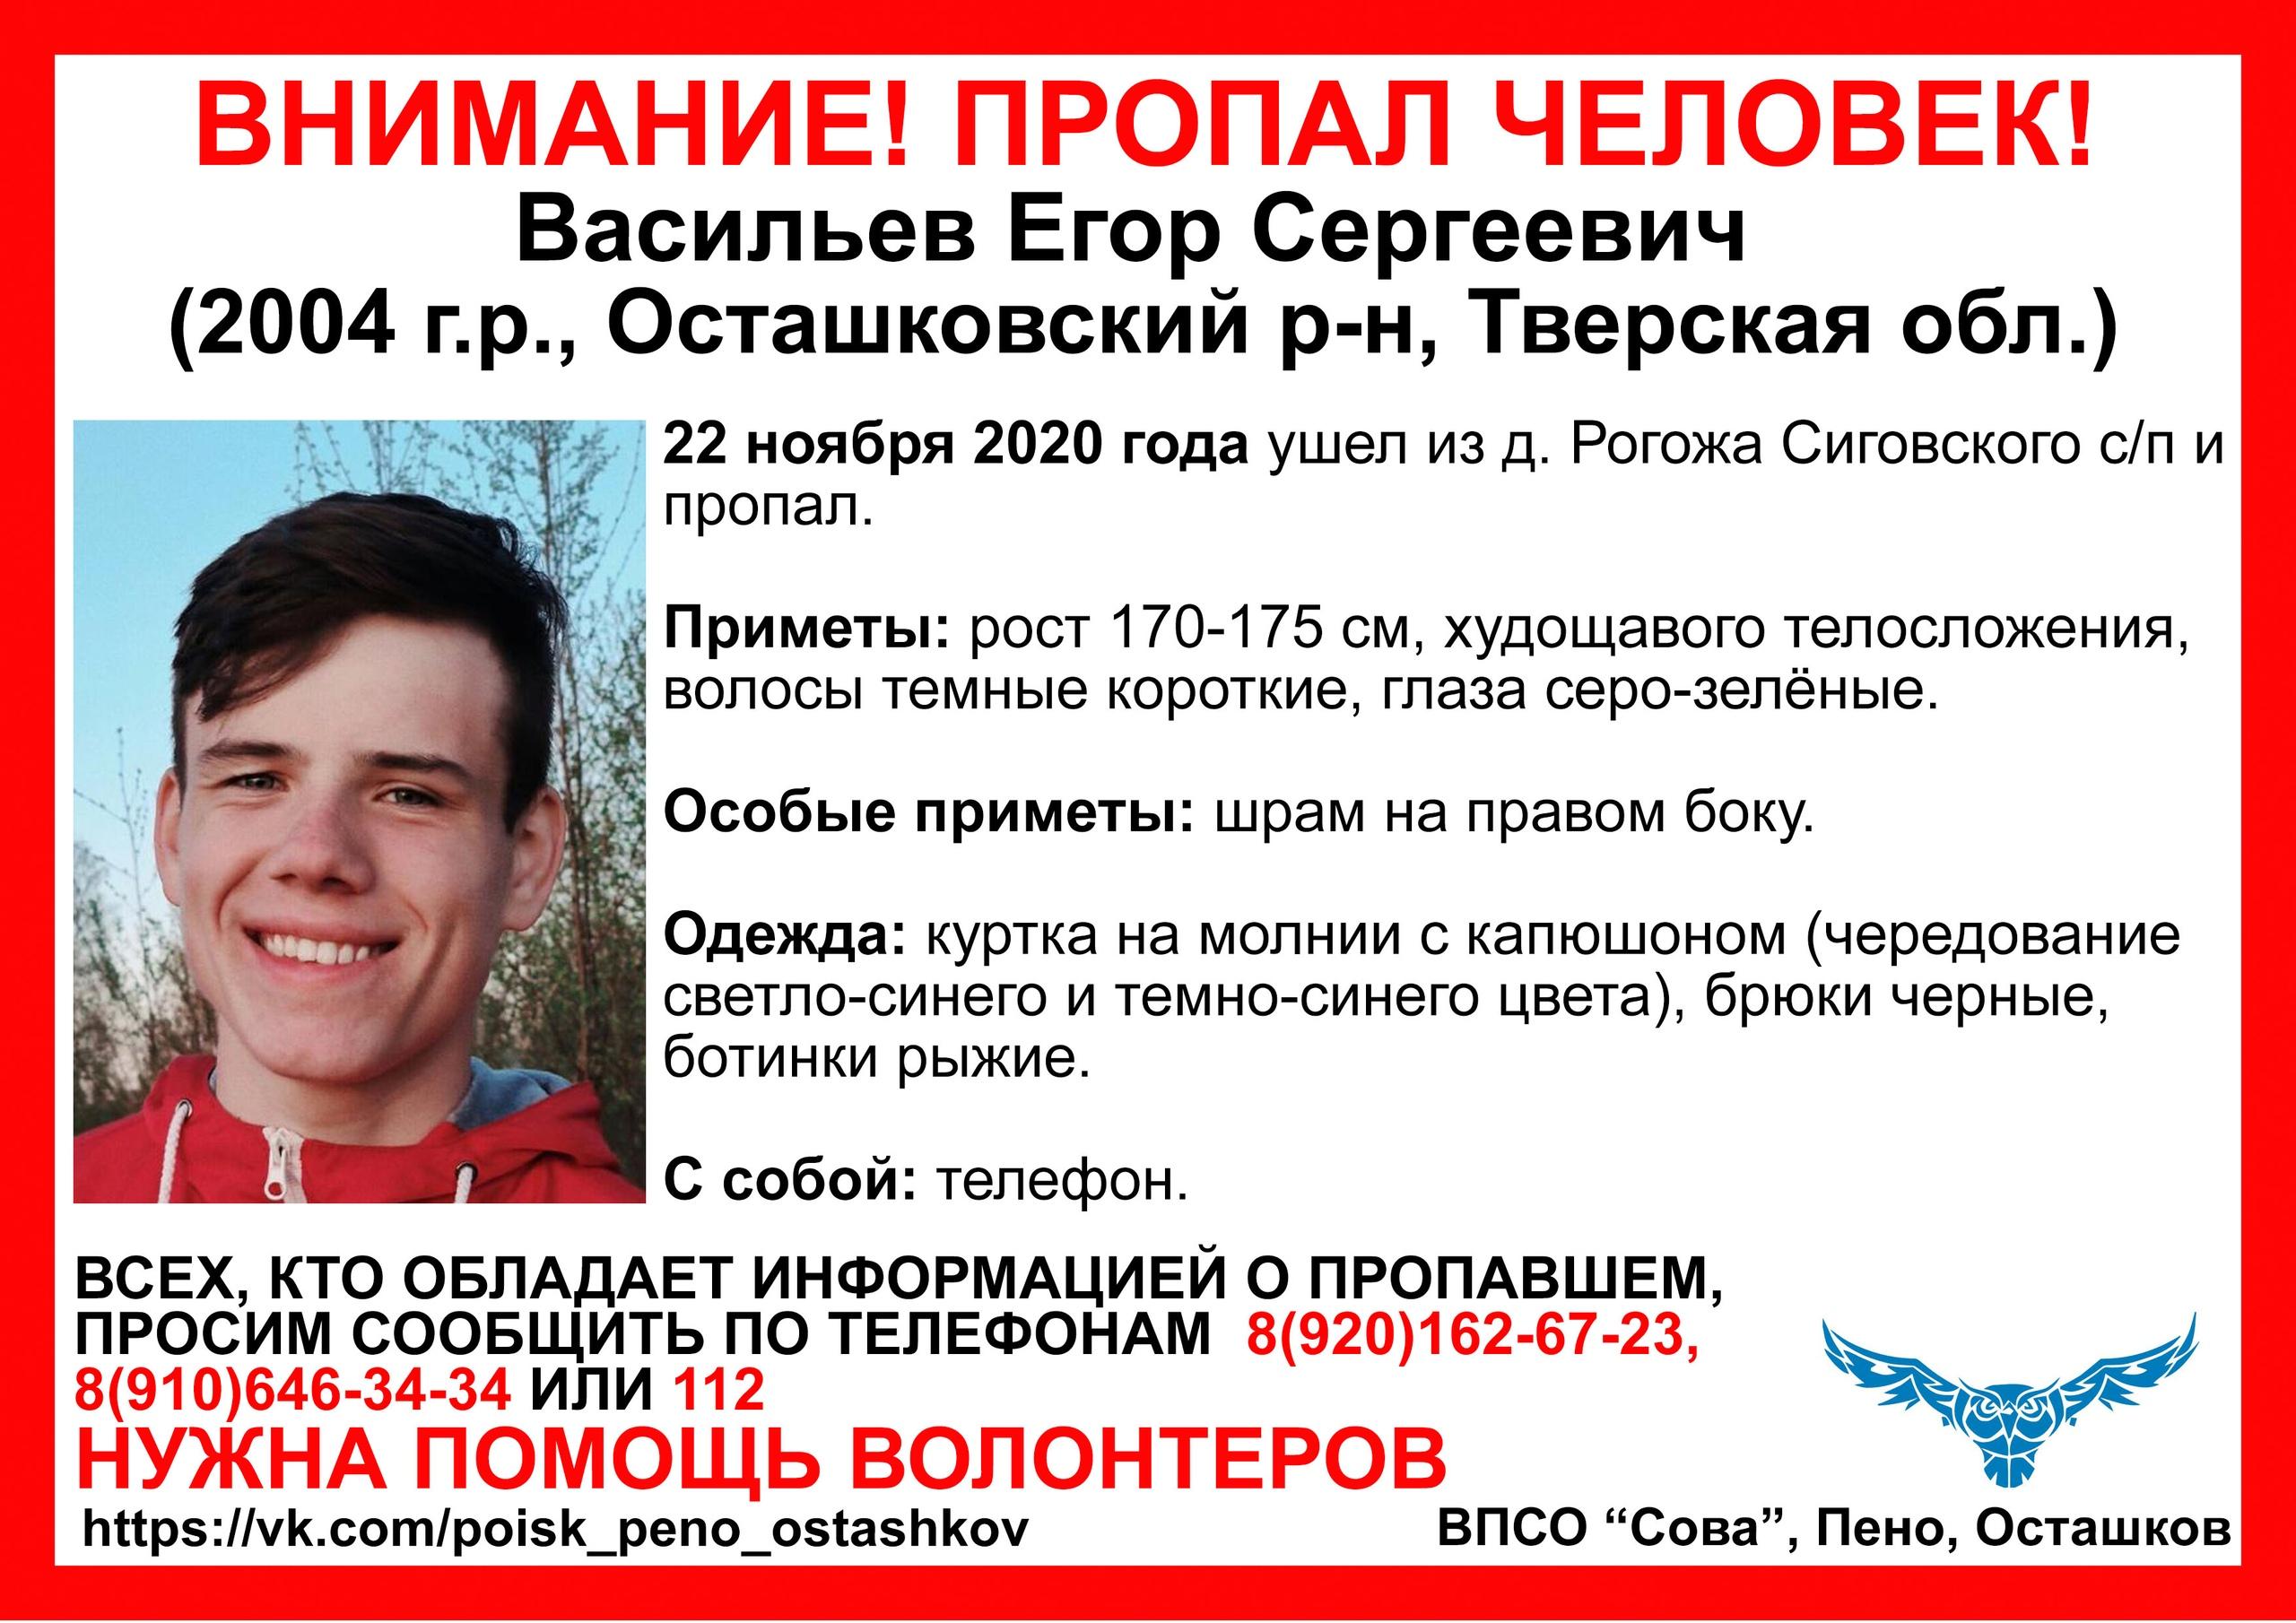 Пропавший в Тверской области подросток не найден, заведено дело об убийстве